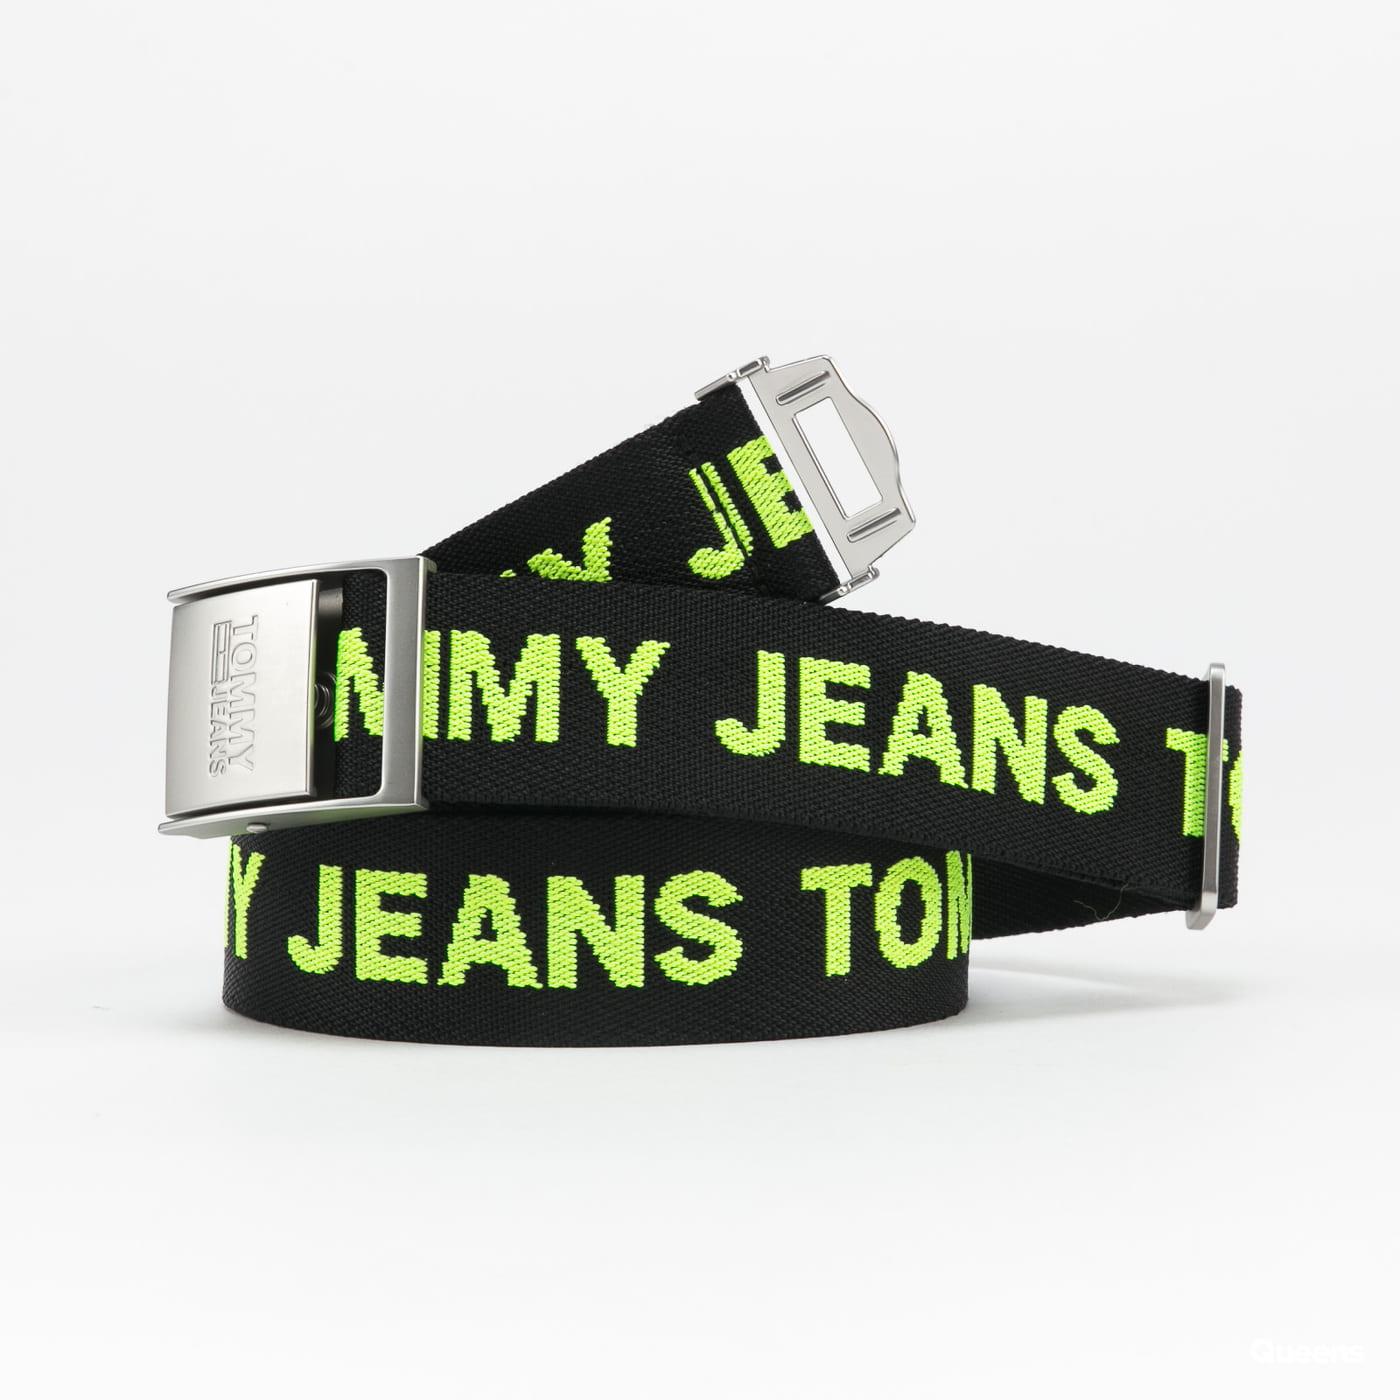 TOMMY JEANS M Fashion Webbing Belt černý / neon zelený